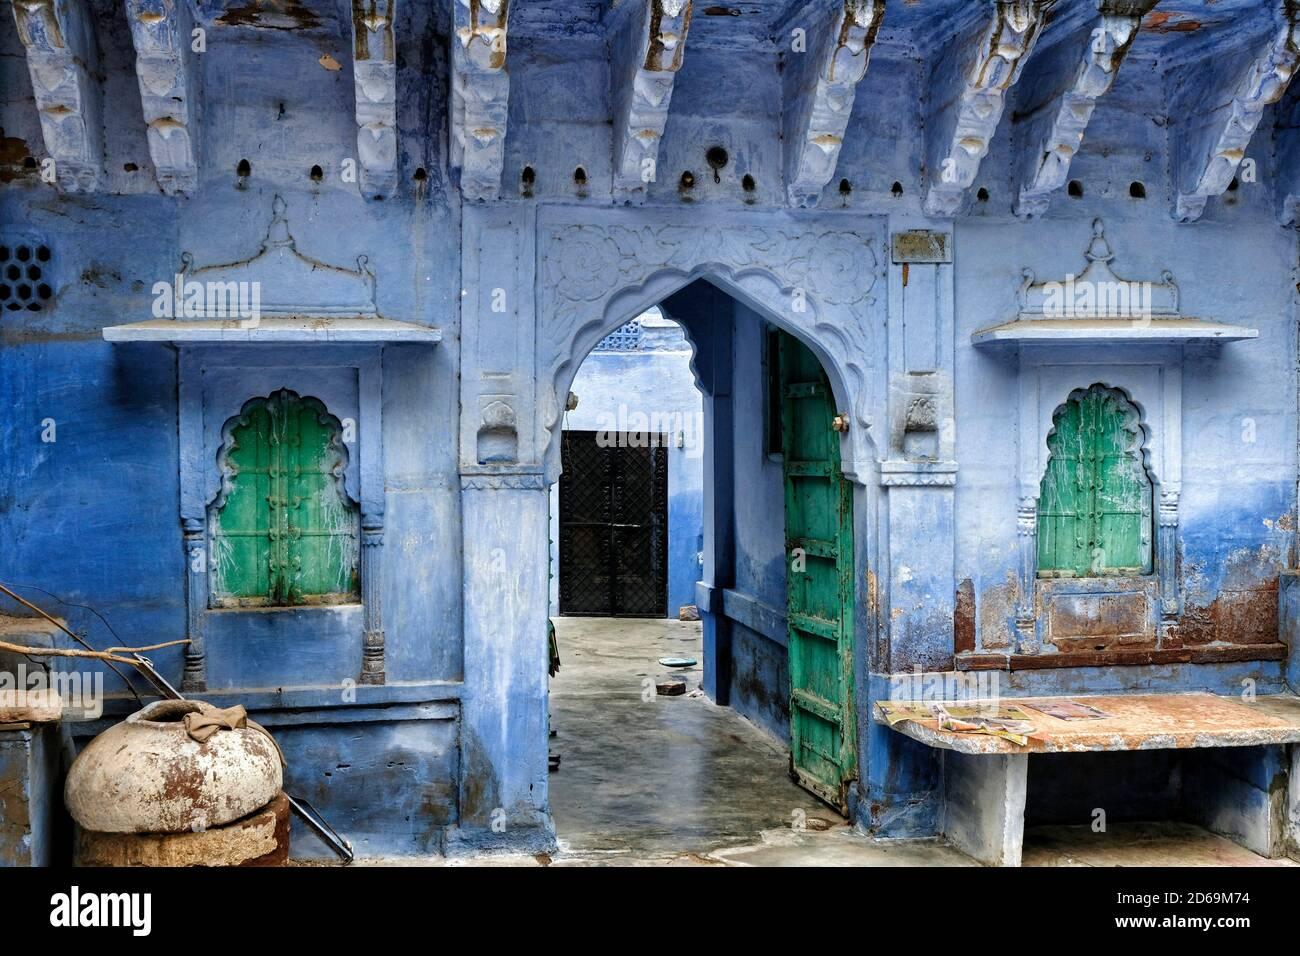 Vue sur une rue de Jodhpur avec les façades de maisons peintes en bleu. Rajasthan. Inde. Banque D'Images